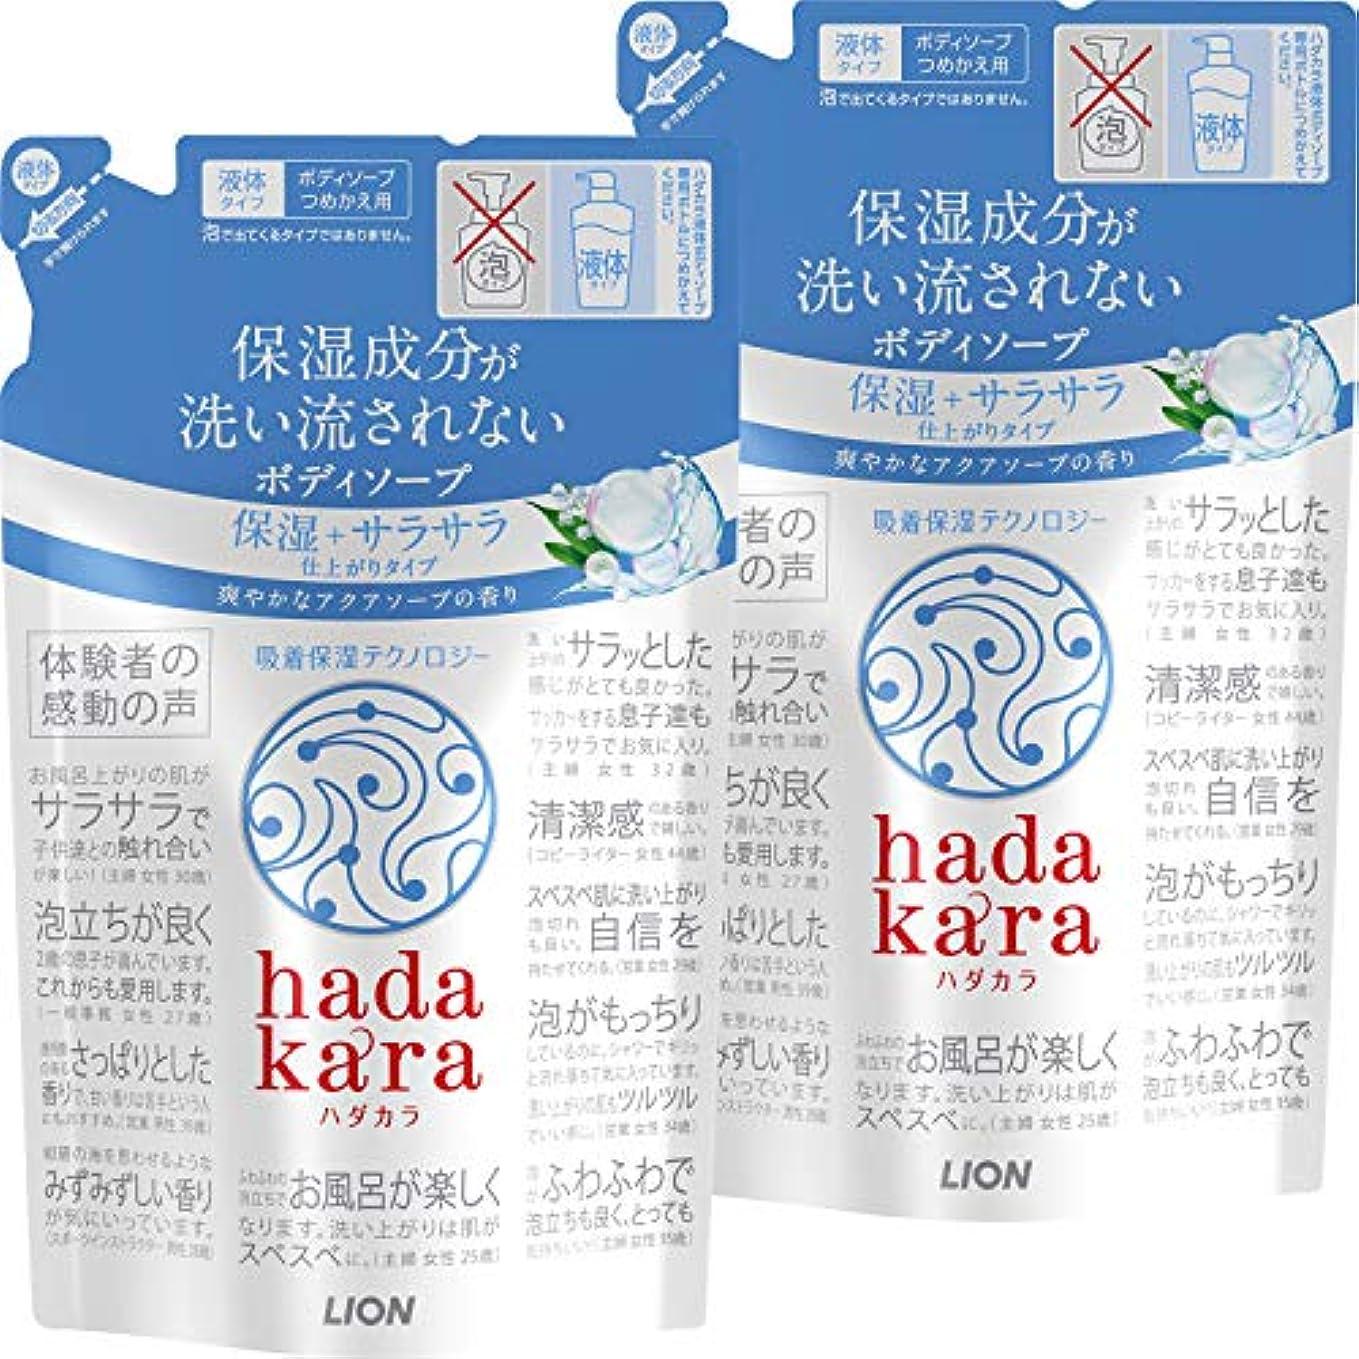 嵐のエスニックハーブ【まとめ買い】hadakara(ハダカラ) ボディソープ 保湿+サラサラ仕上がりタイプ アクアソープの香り 詰め替え 340ml×2個パック